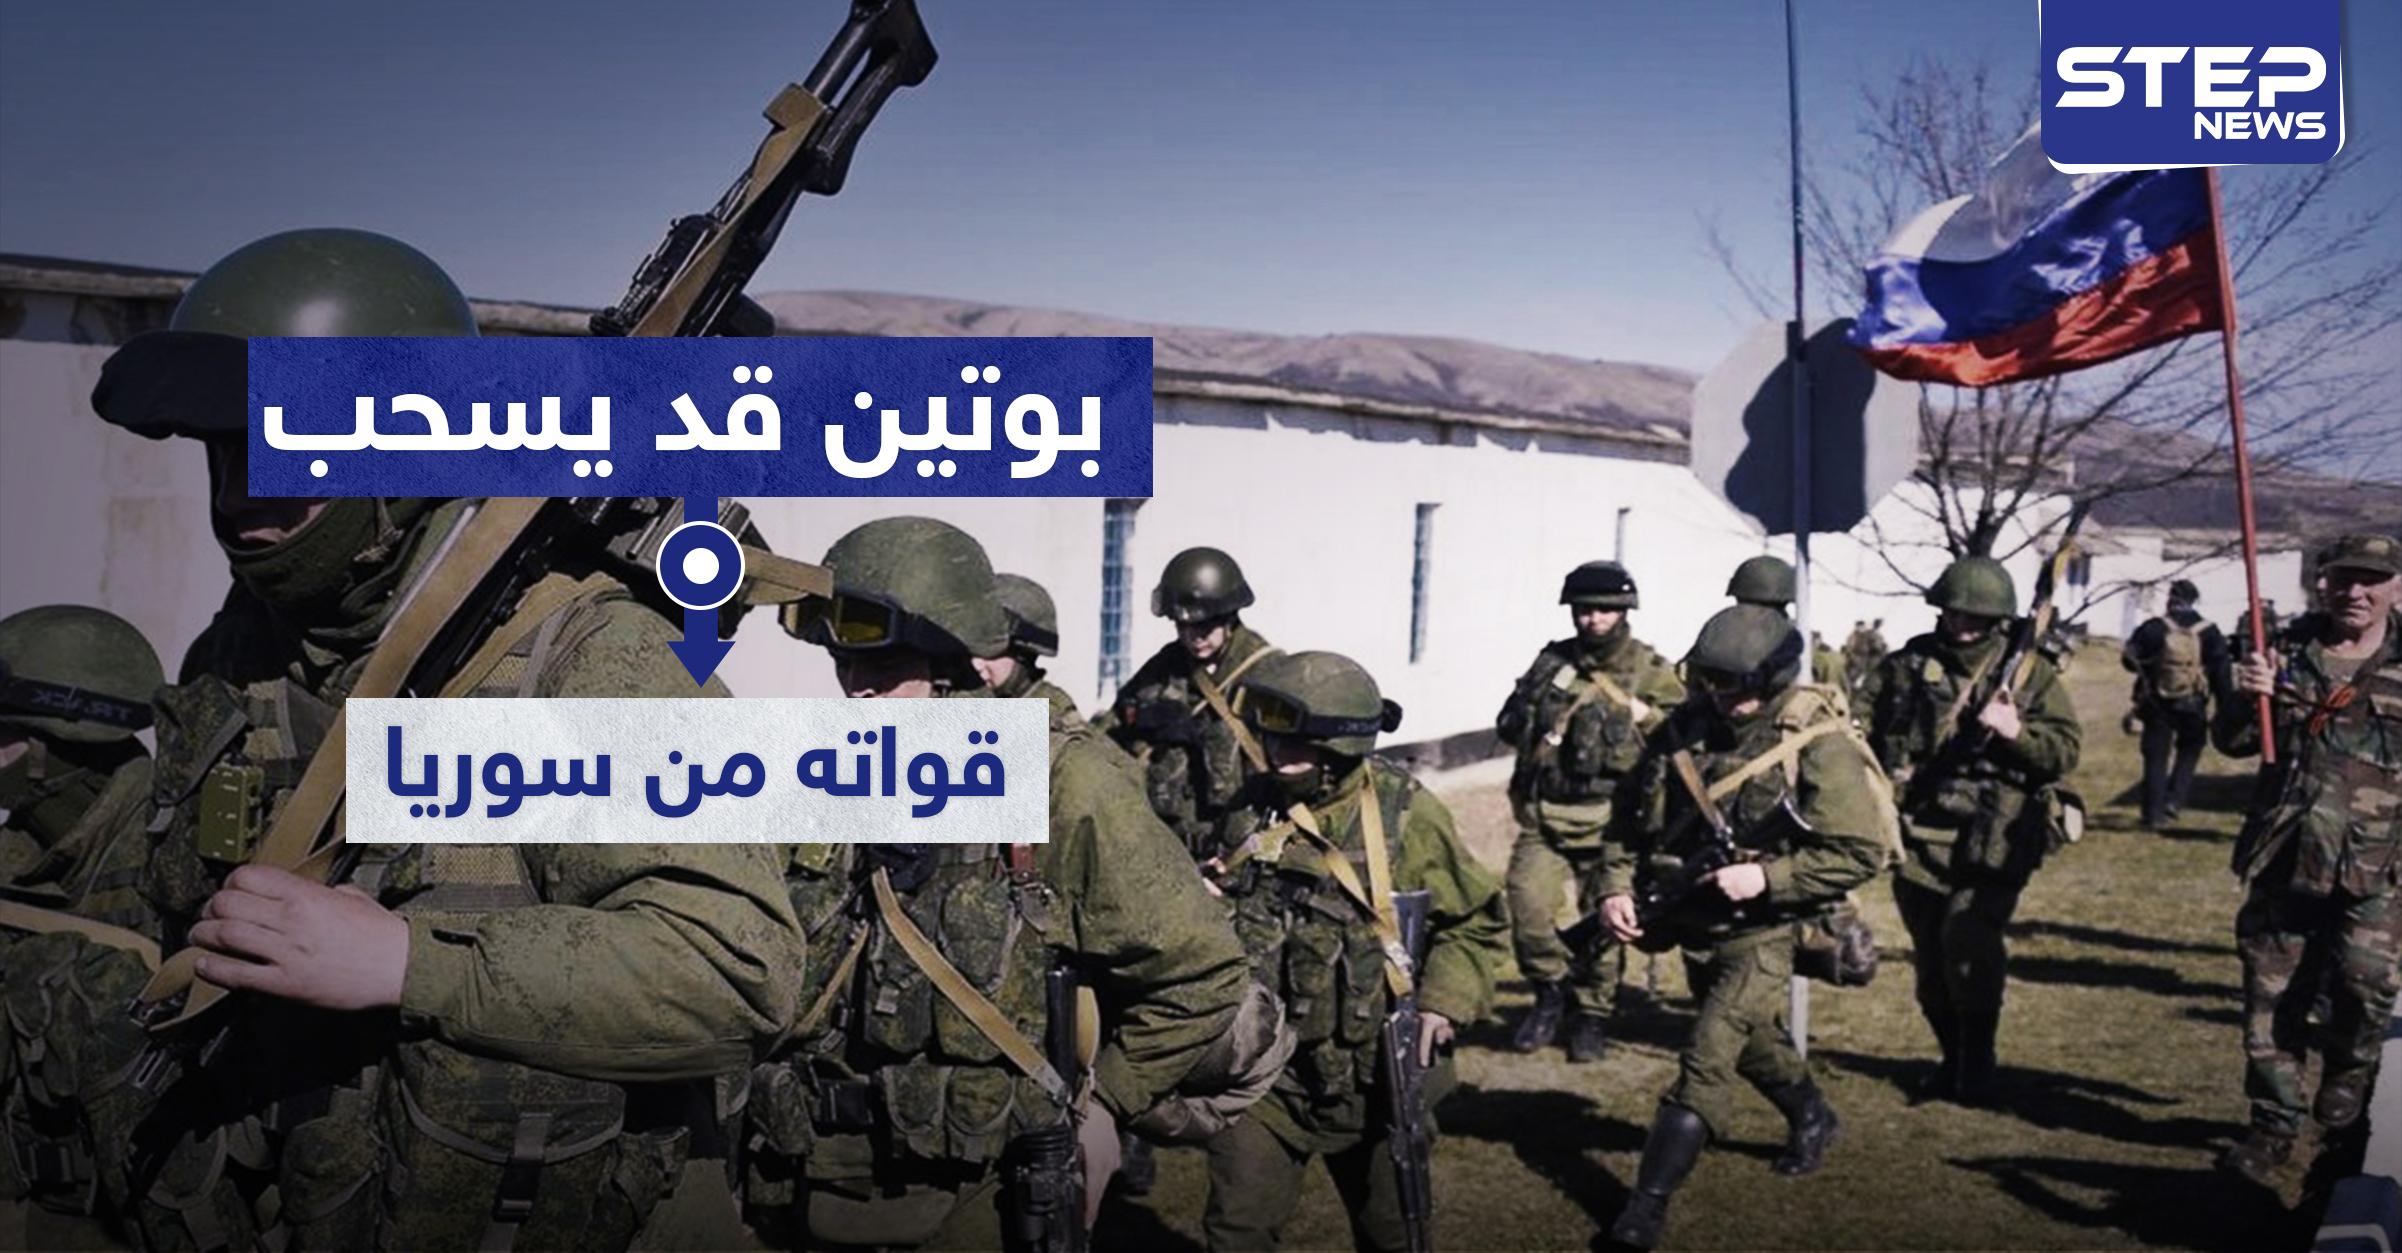 معهد أمريكي يكشف.. بوتين قد يسحب قواته من سوريا لهذه الأسباب